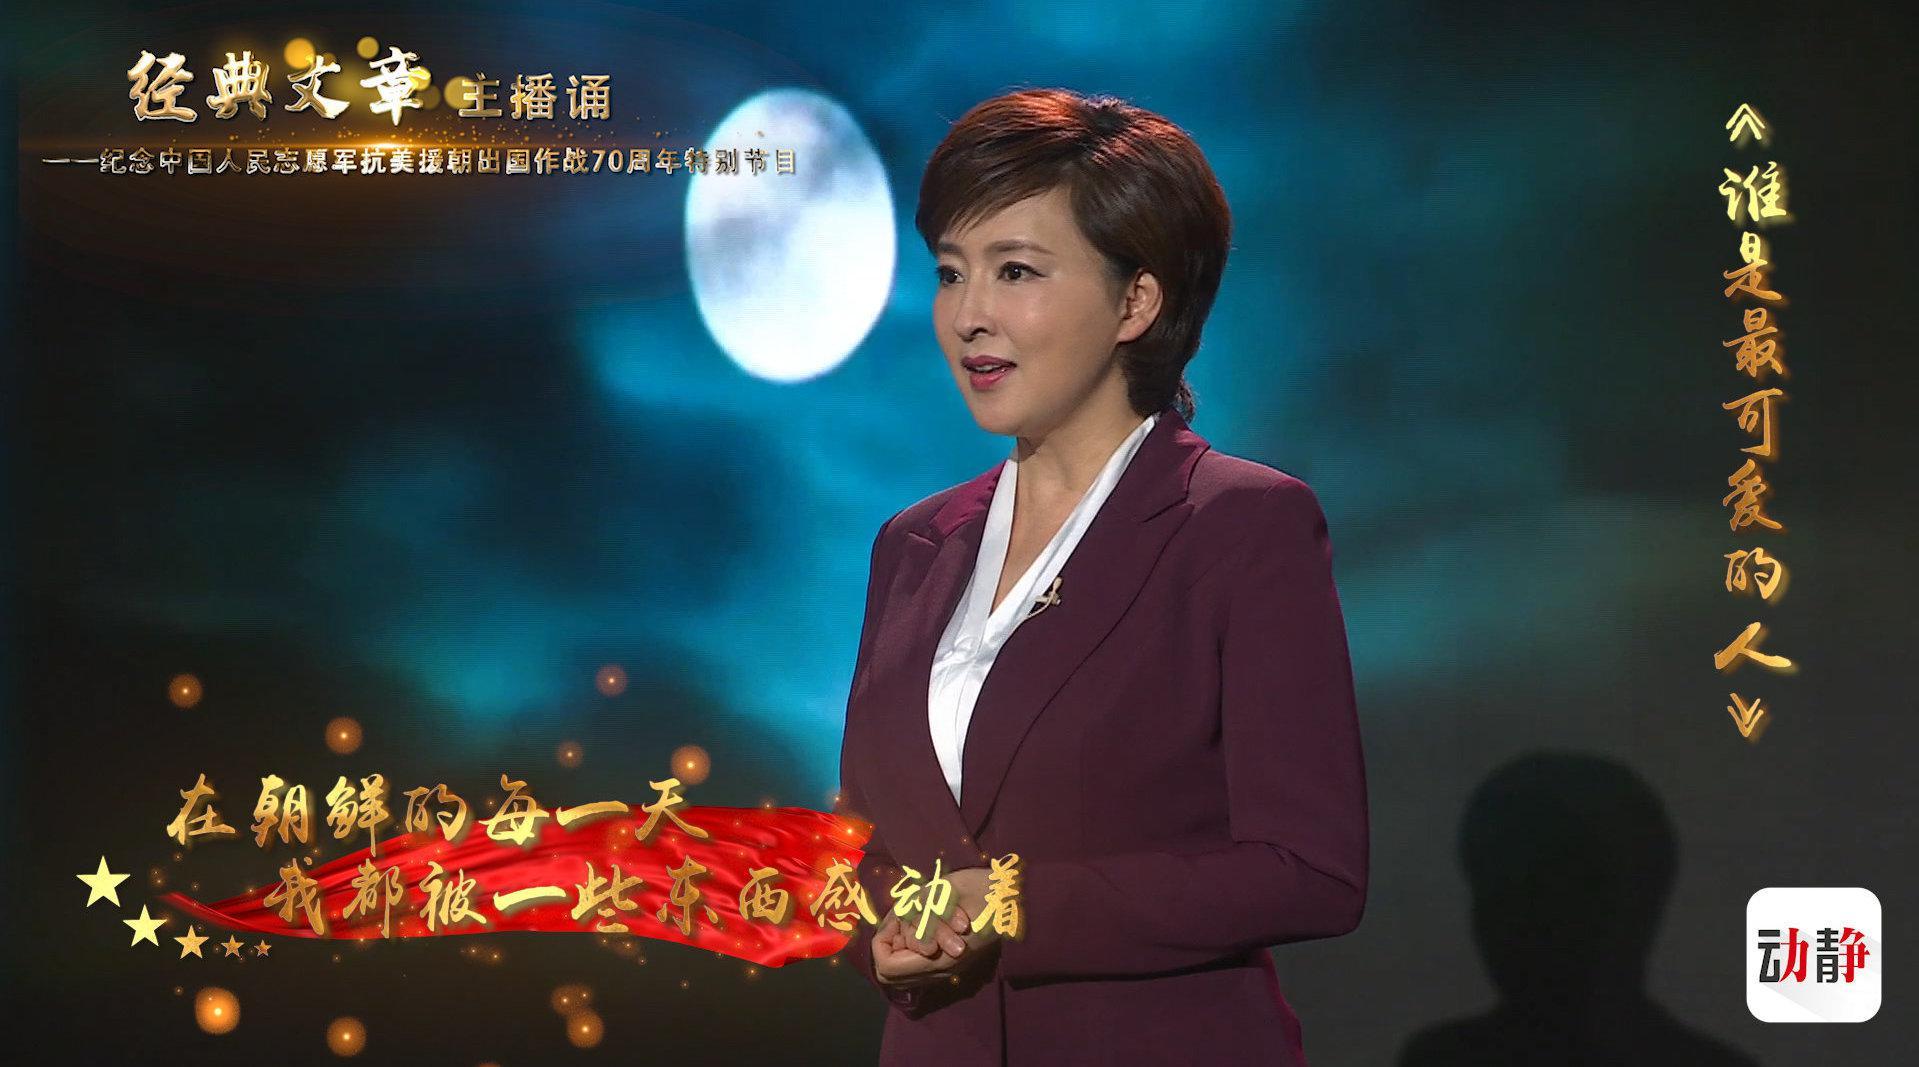 贵州广播电视台首席主播深情诵读《谁是最可爱的人》……